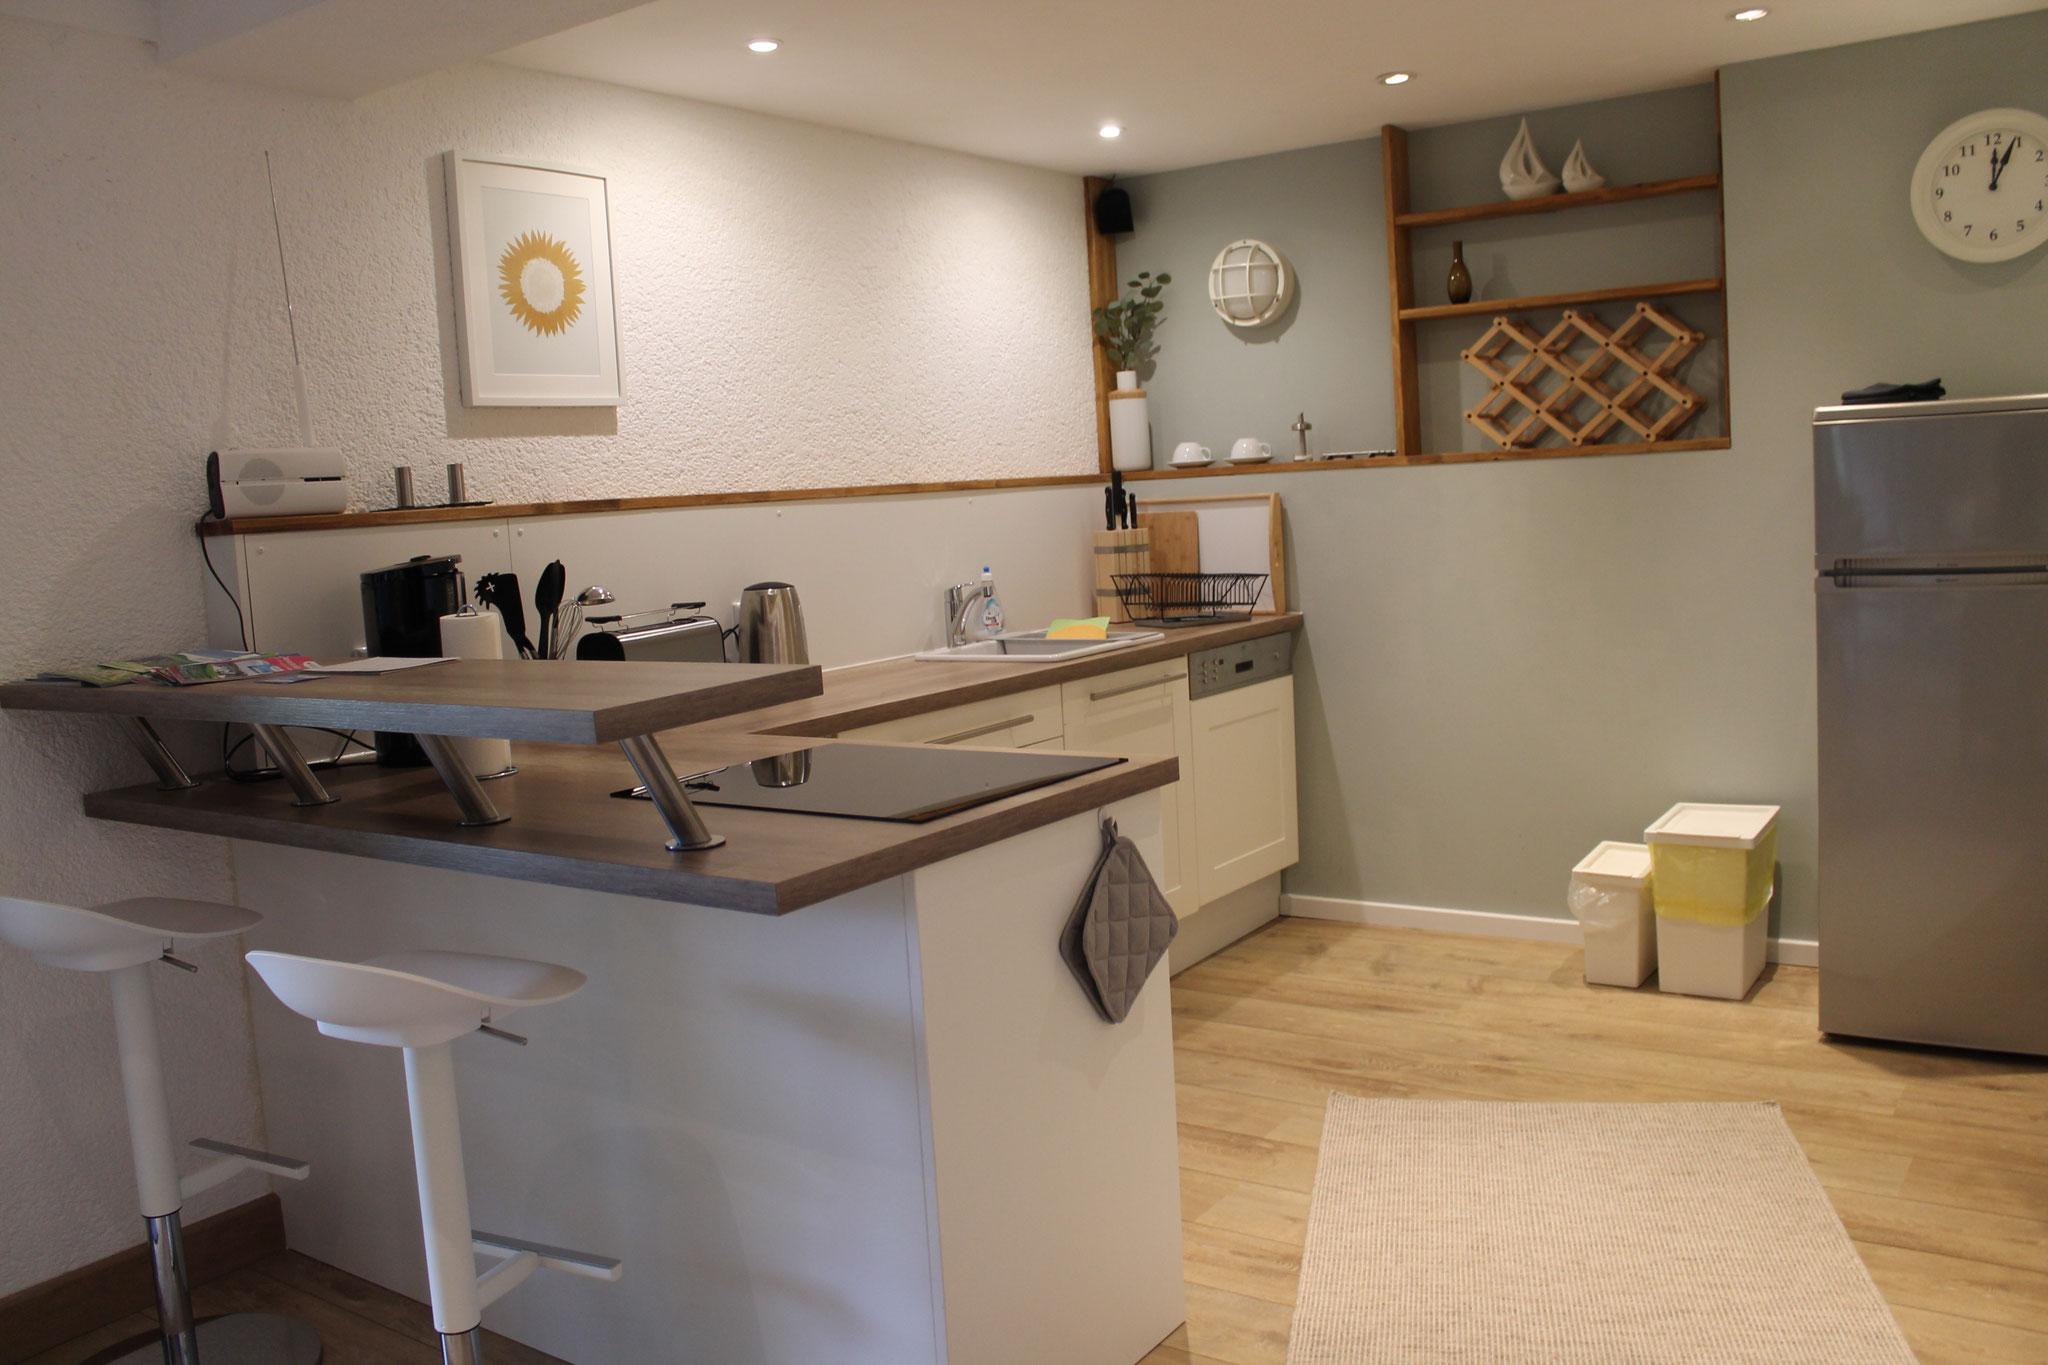 Die modern ausgestattete und geräumige Küche